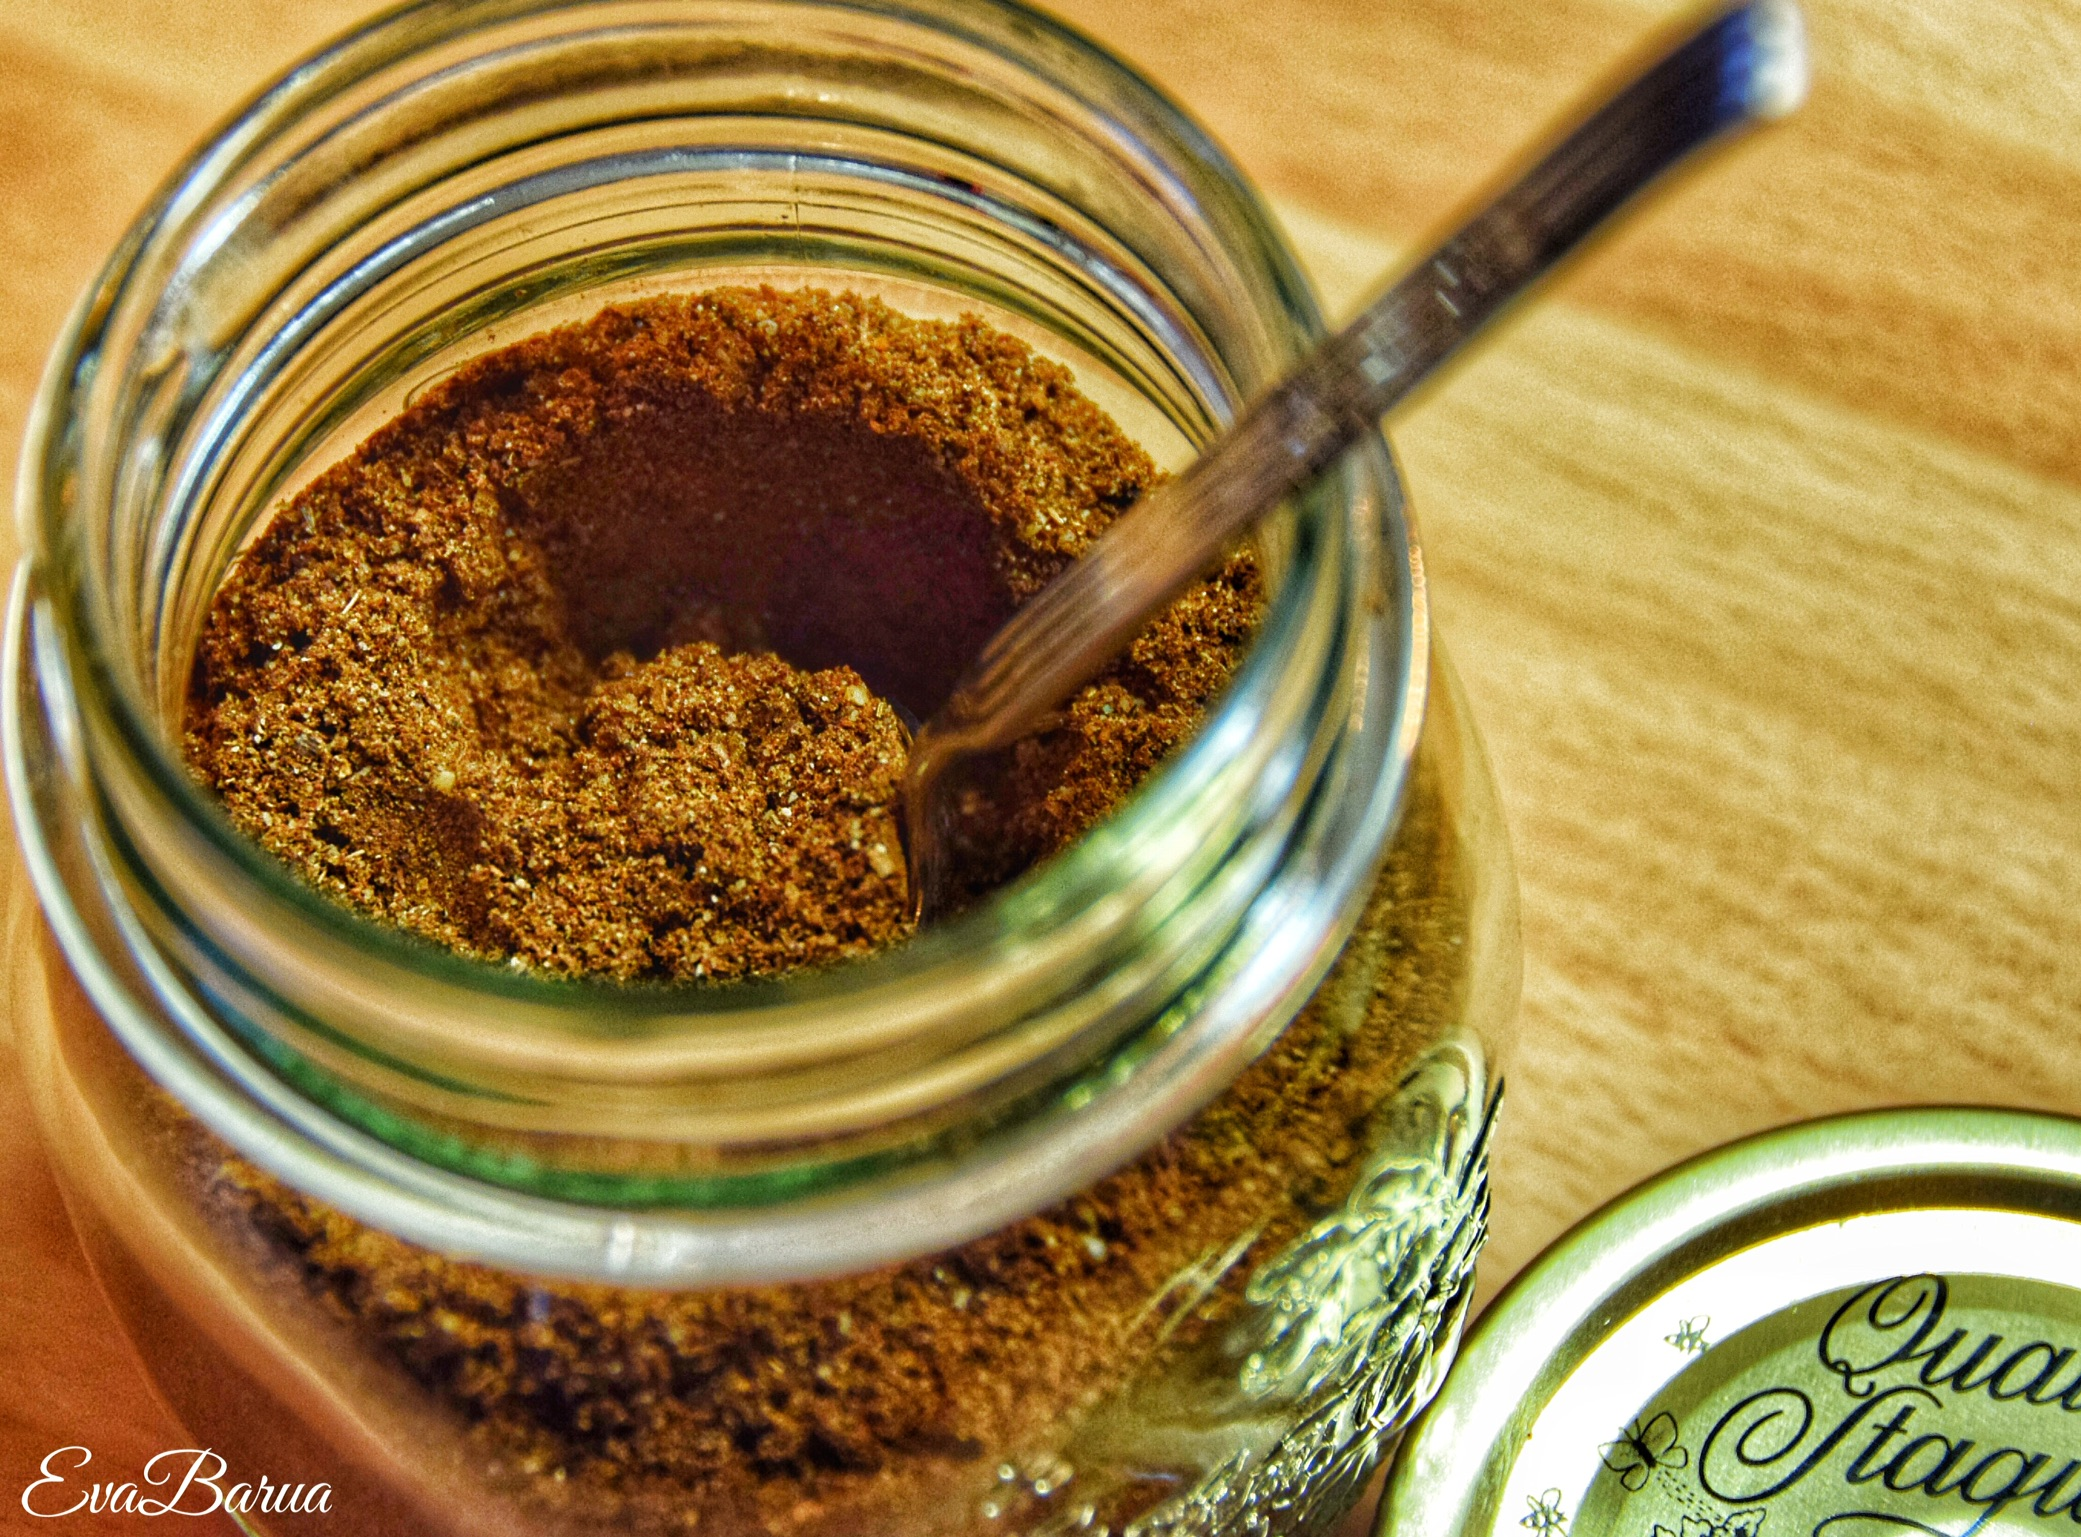 Roasted Curry Powder - Der Geruch Sri Lankas in meiner Küche ...